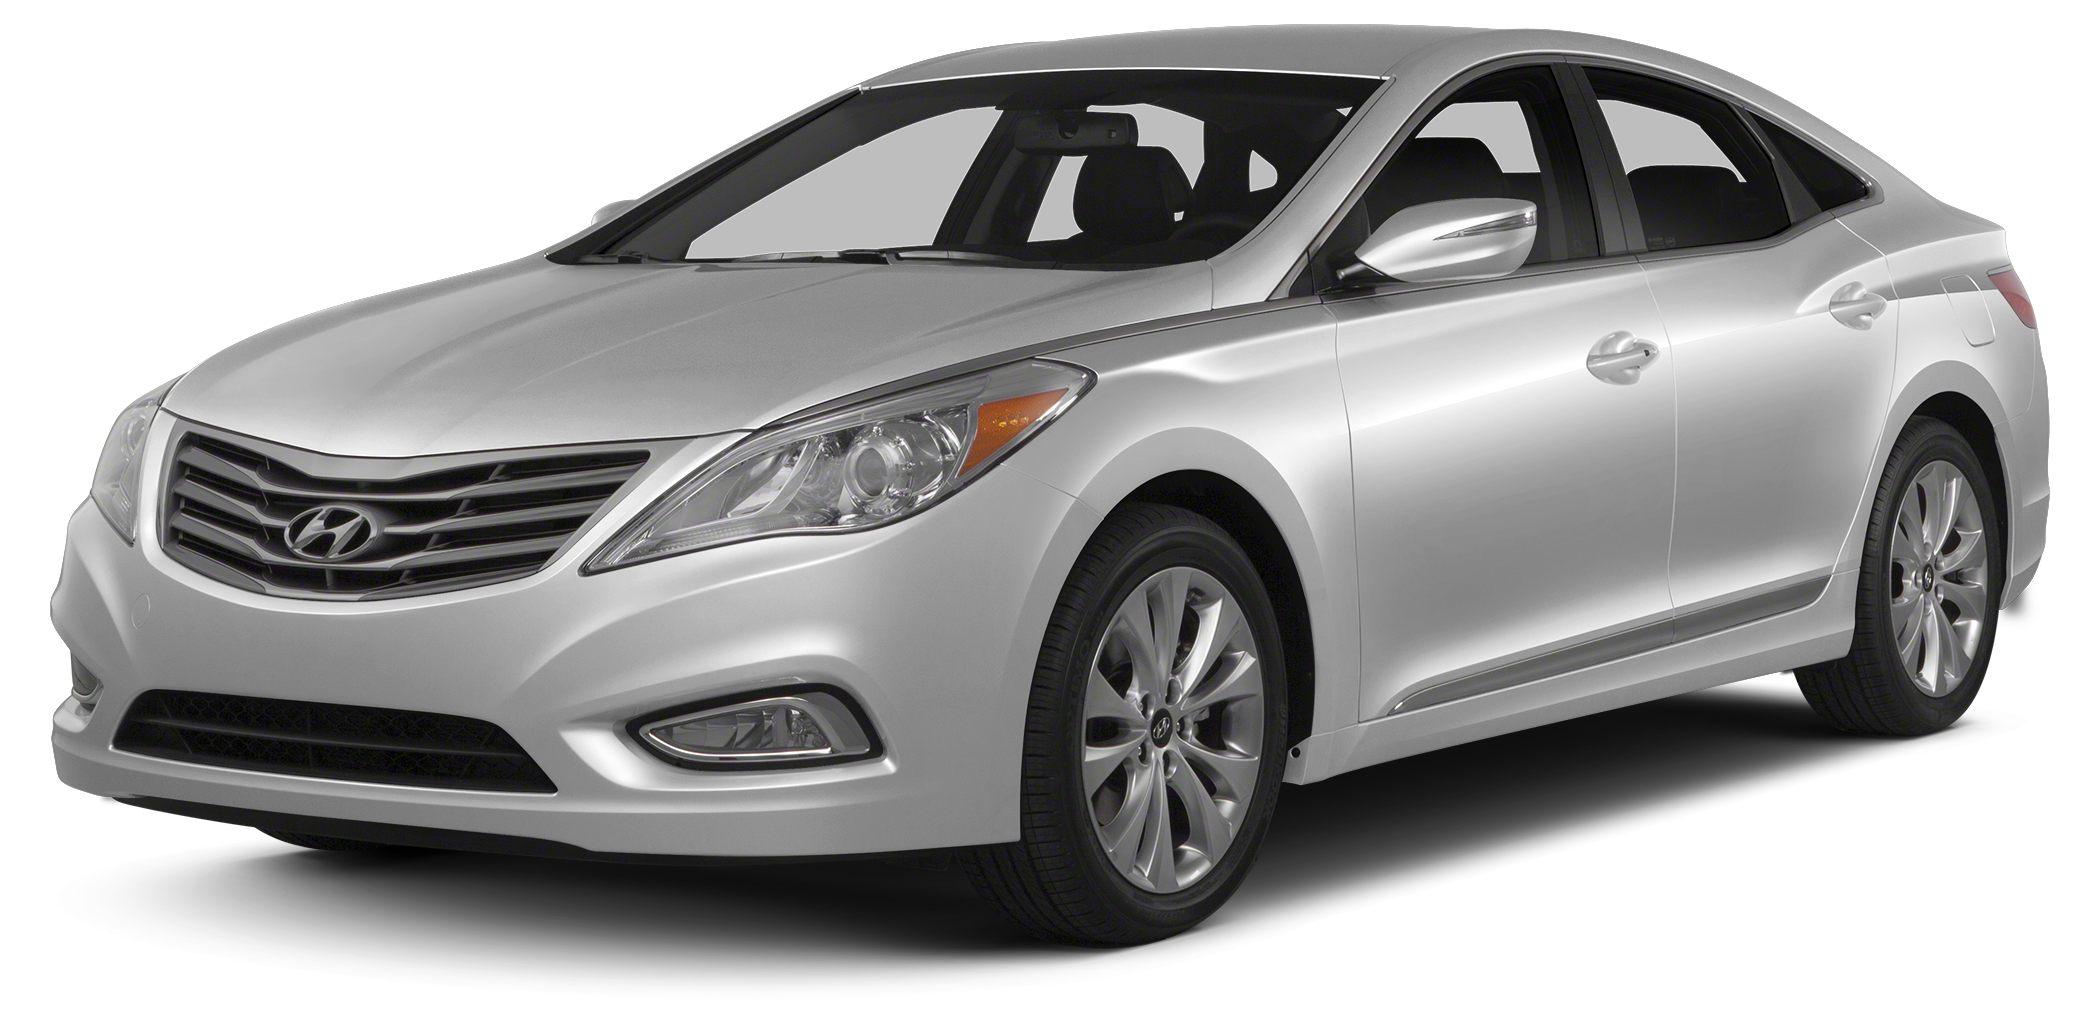 2012 Hyundai